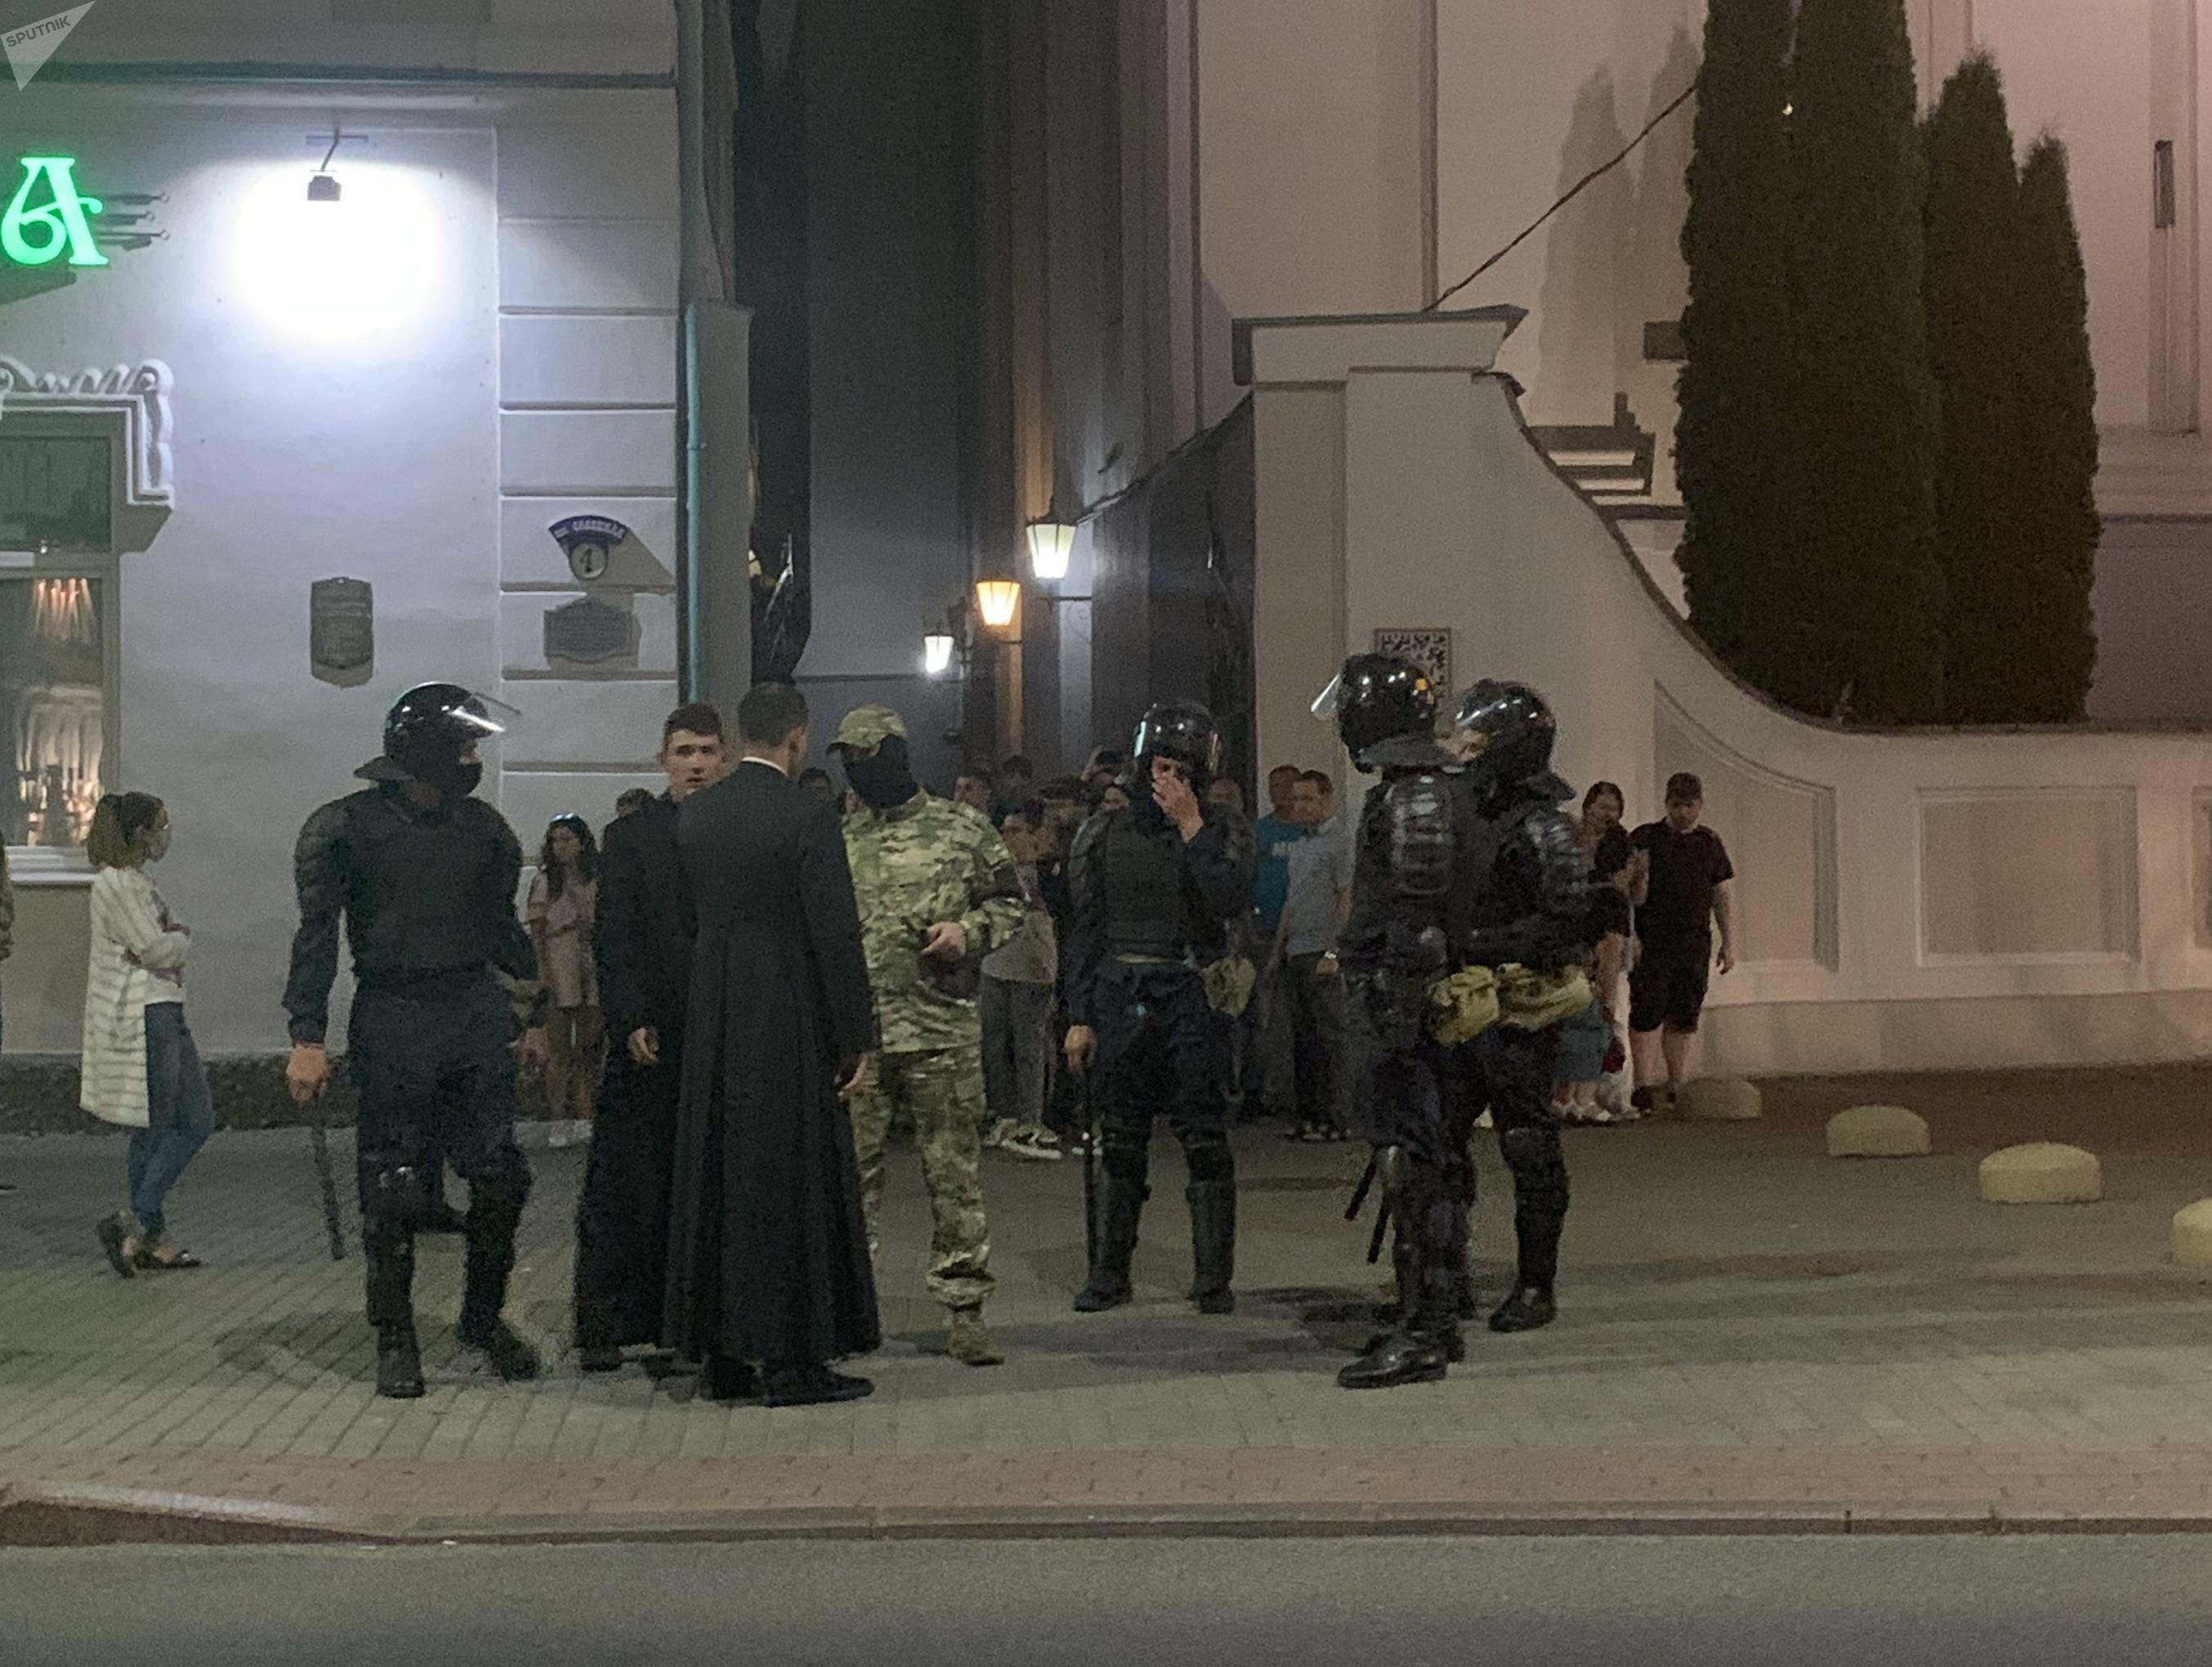 Королевский город Гродно, опоганенный чернорубашечниками с дубинками. Фото: Гугл.